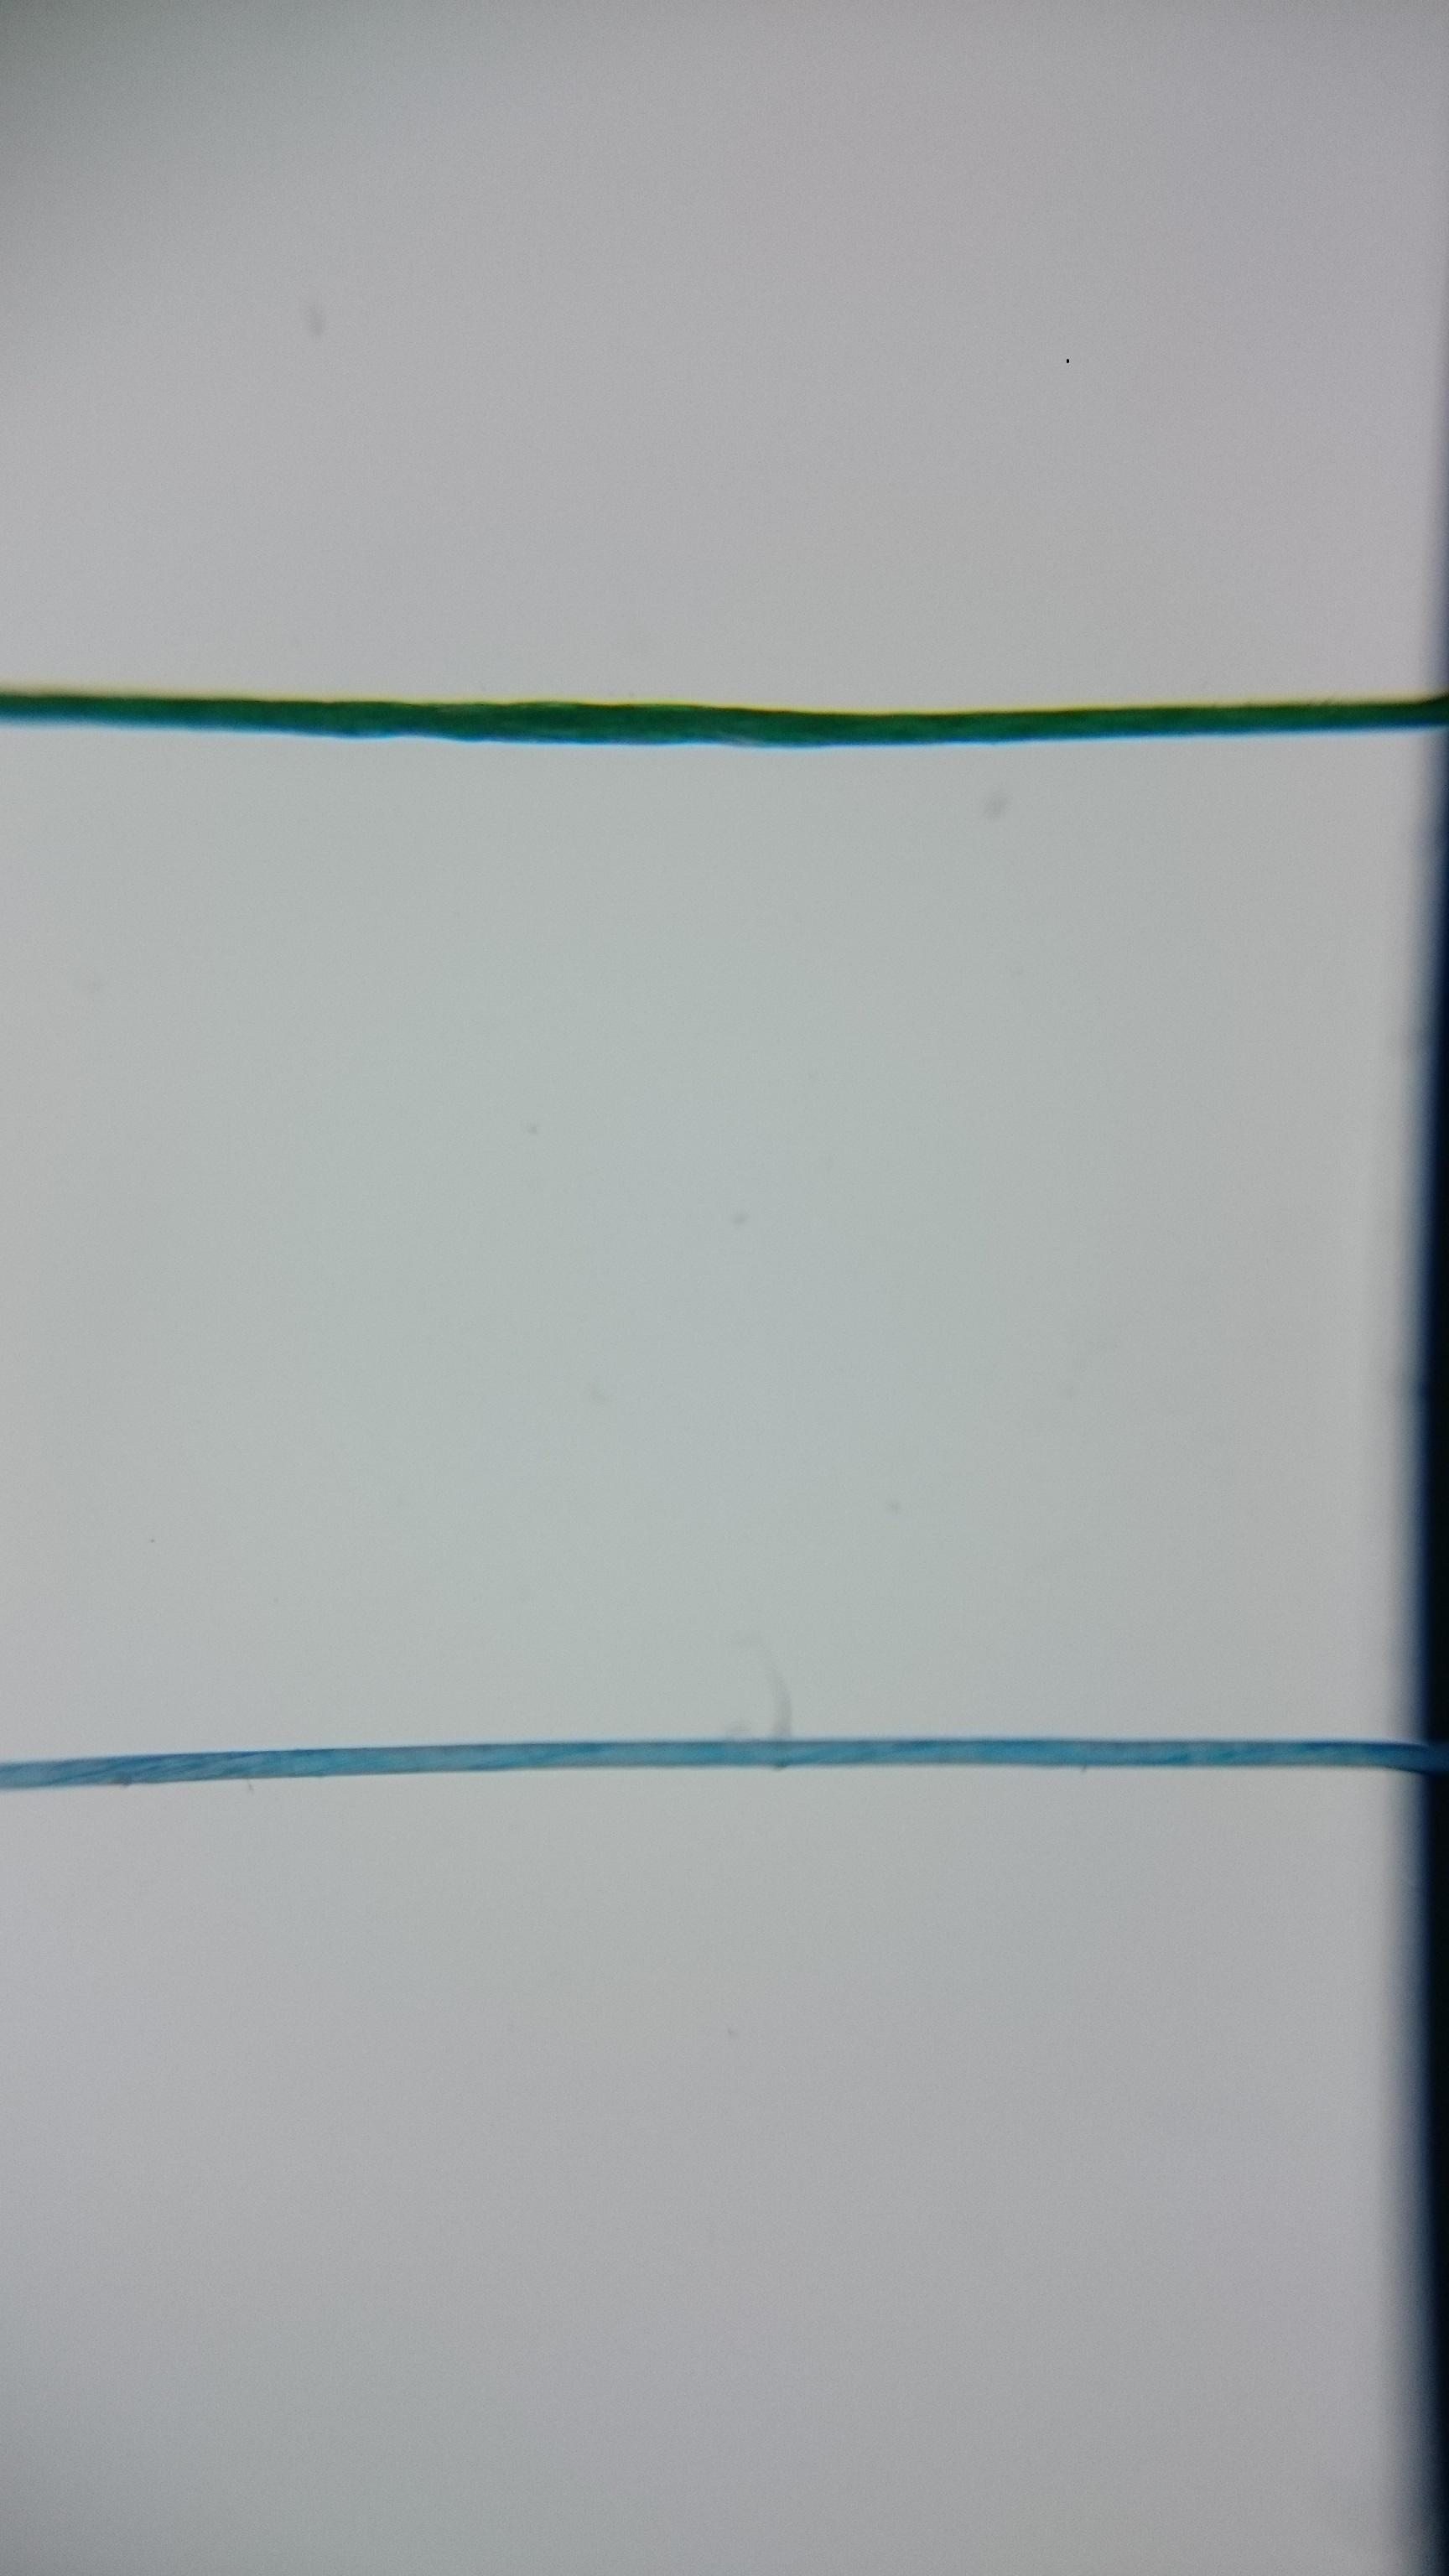 砂文8ブレイドとアーマード比較1